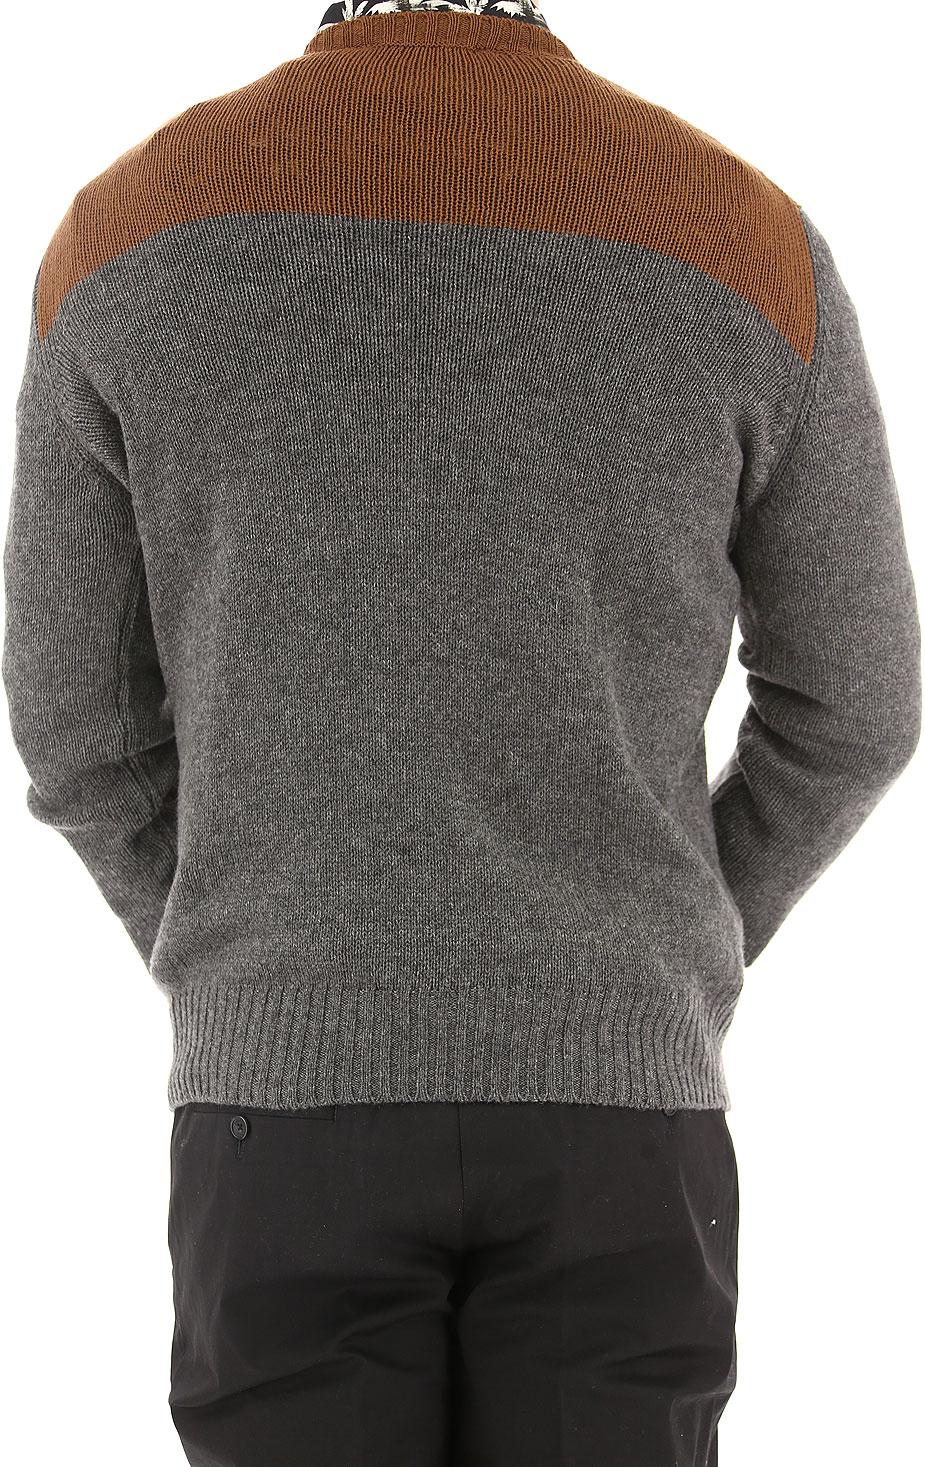 Abbigliamento Uomo Prada, Codice Articolo: uma262-1e7l-f0rds